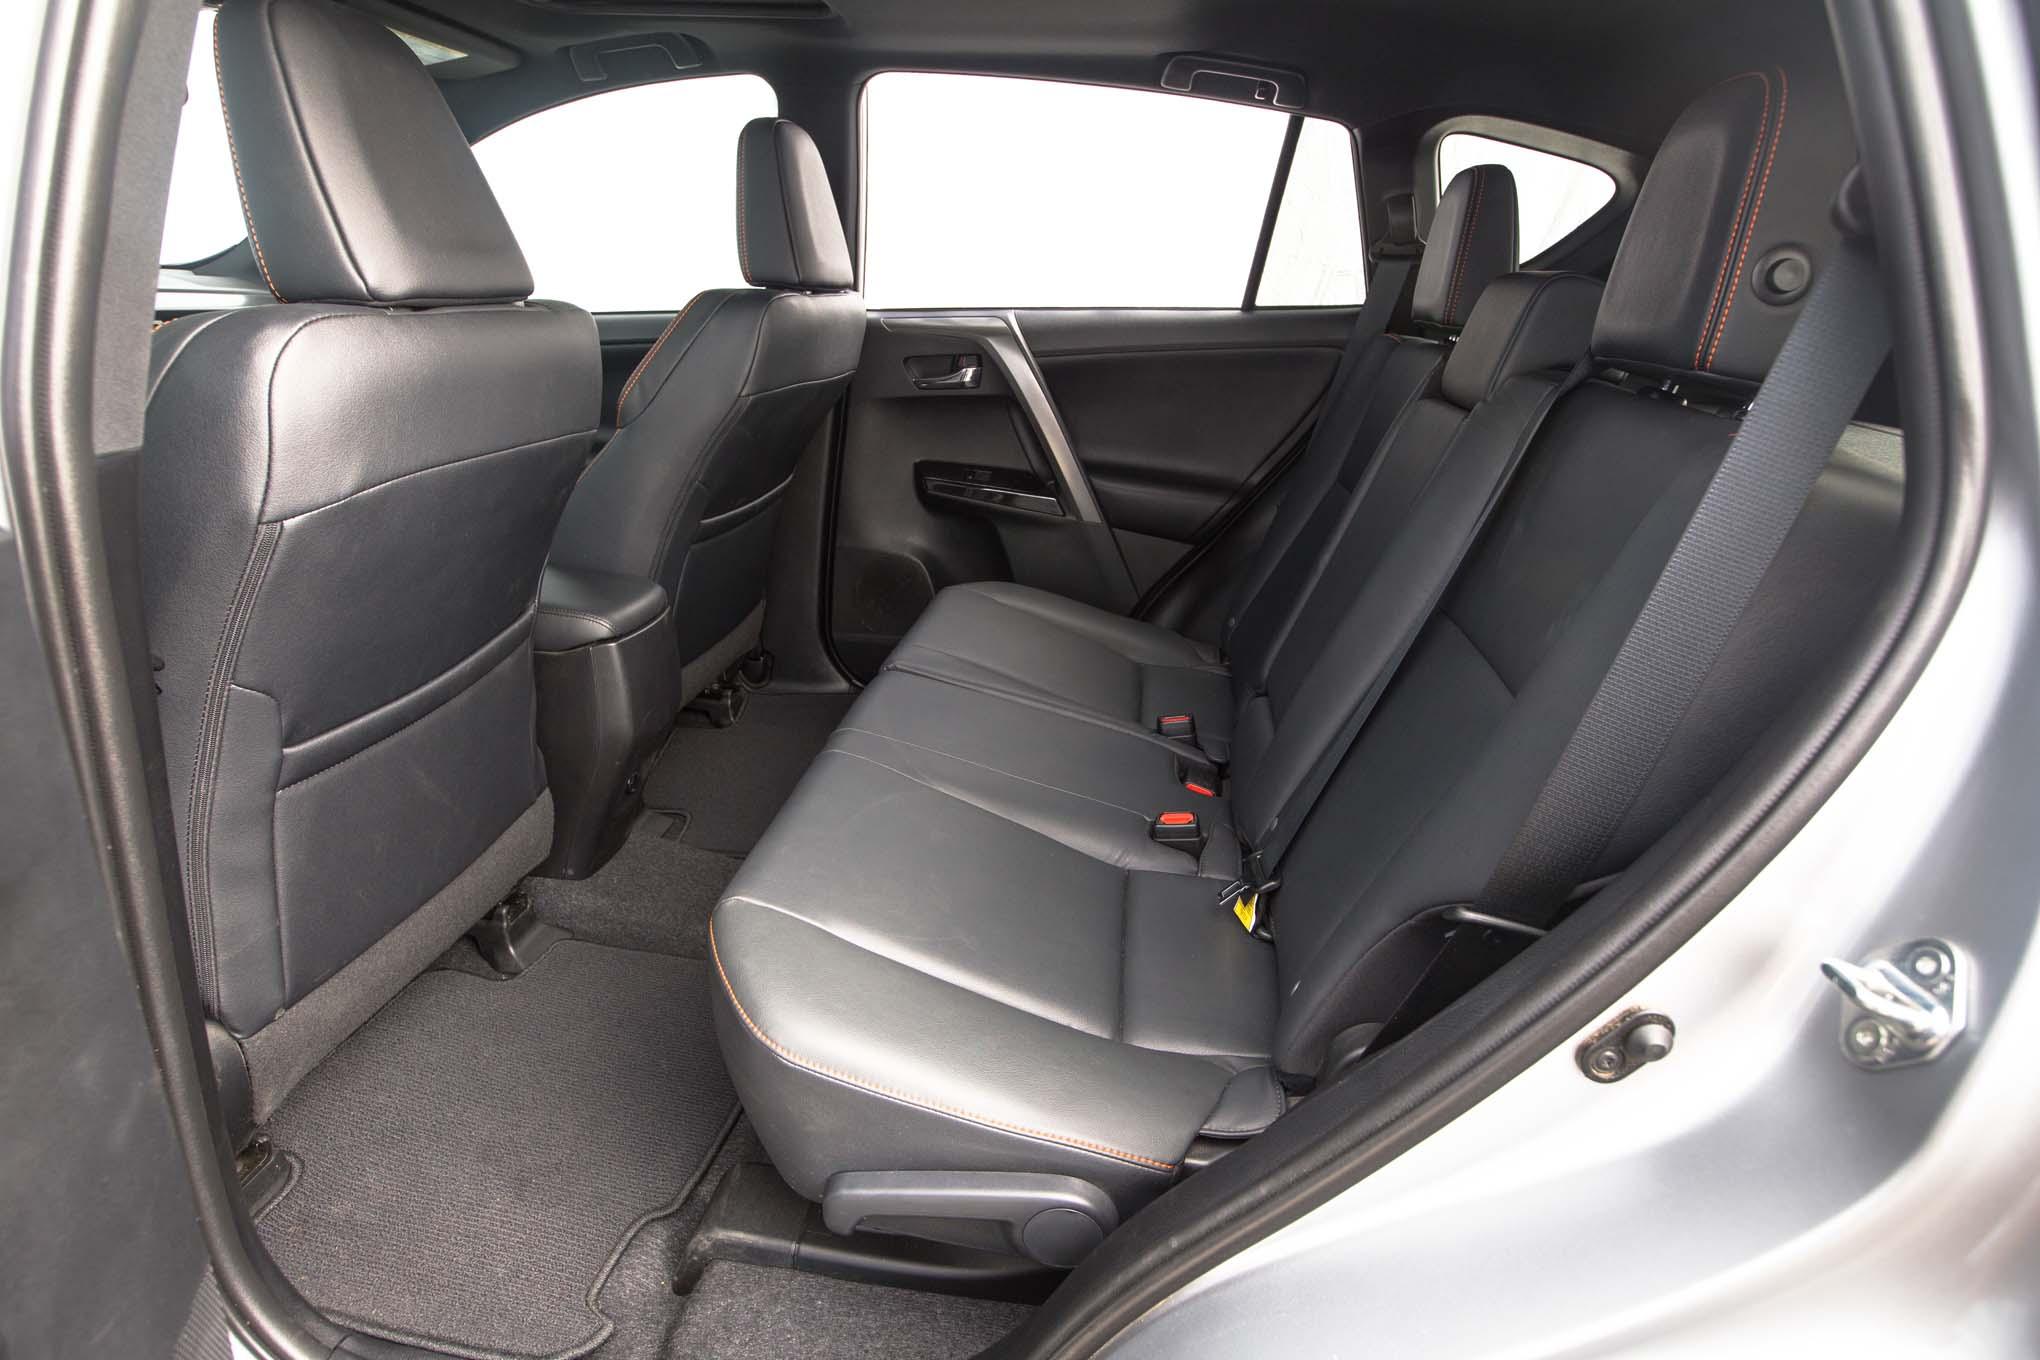 2016 Toyota Rav4 Se Rear Interior Seats Motor Trend En